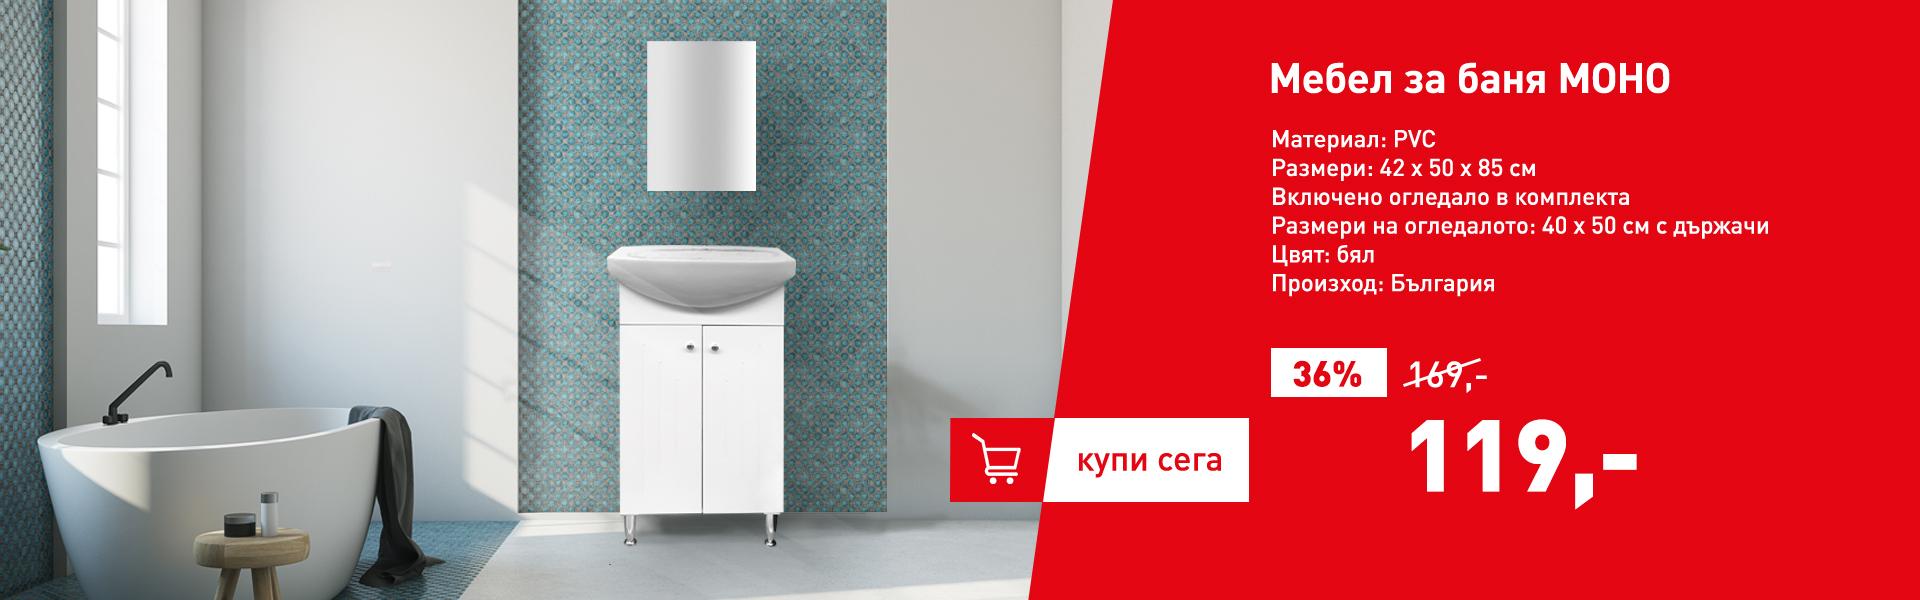 Мебел за баня МОНО